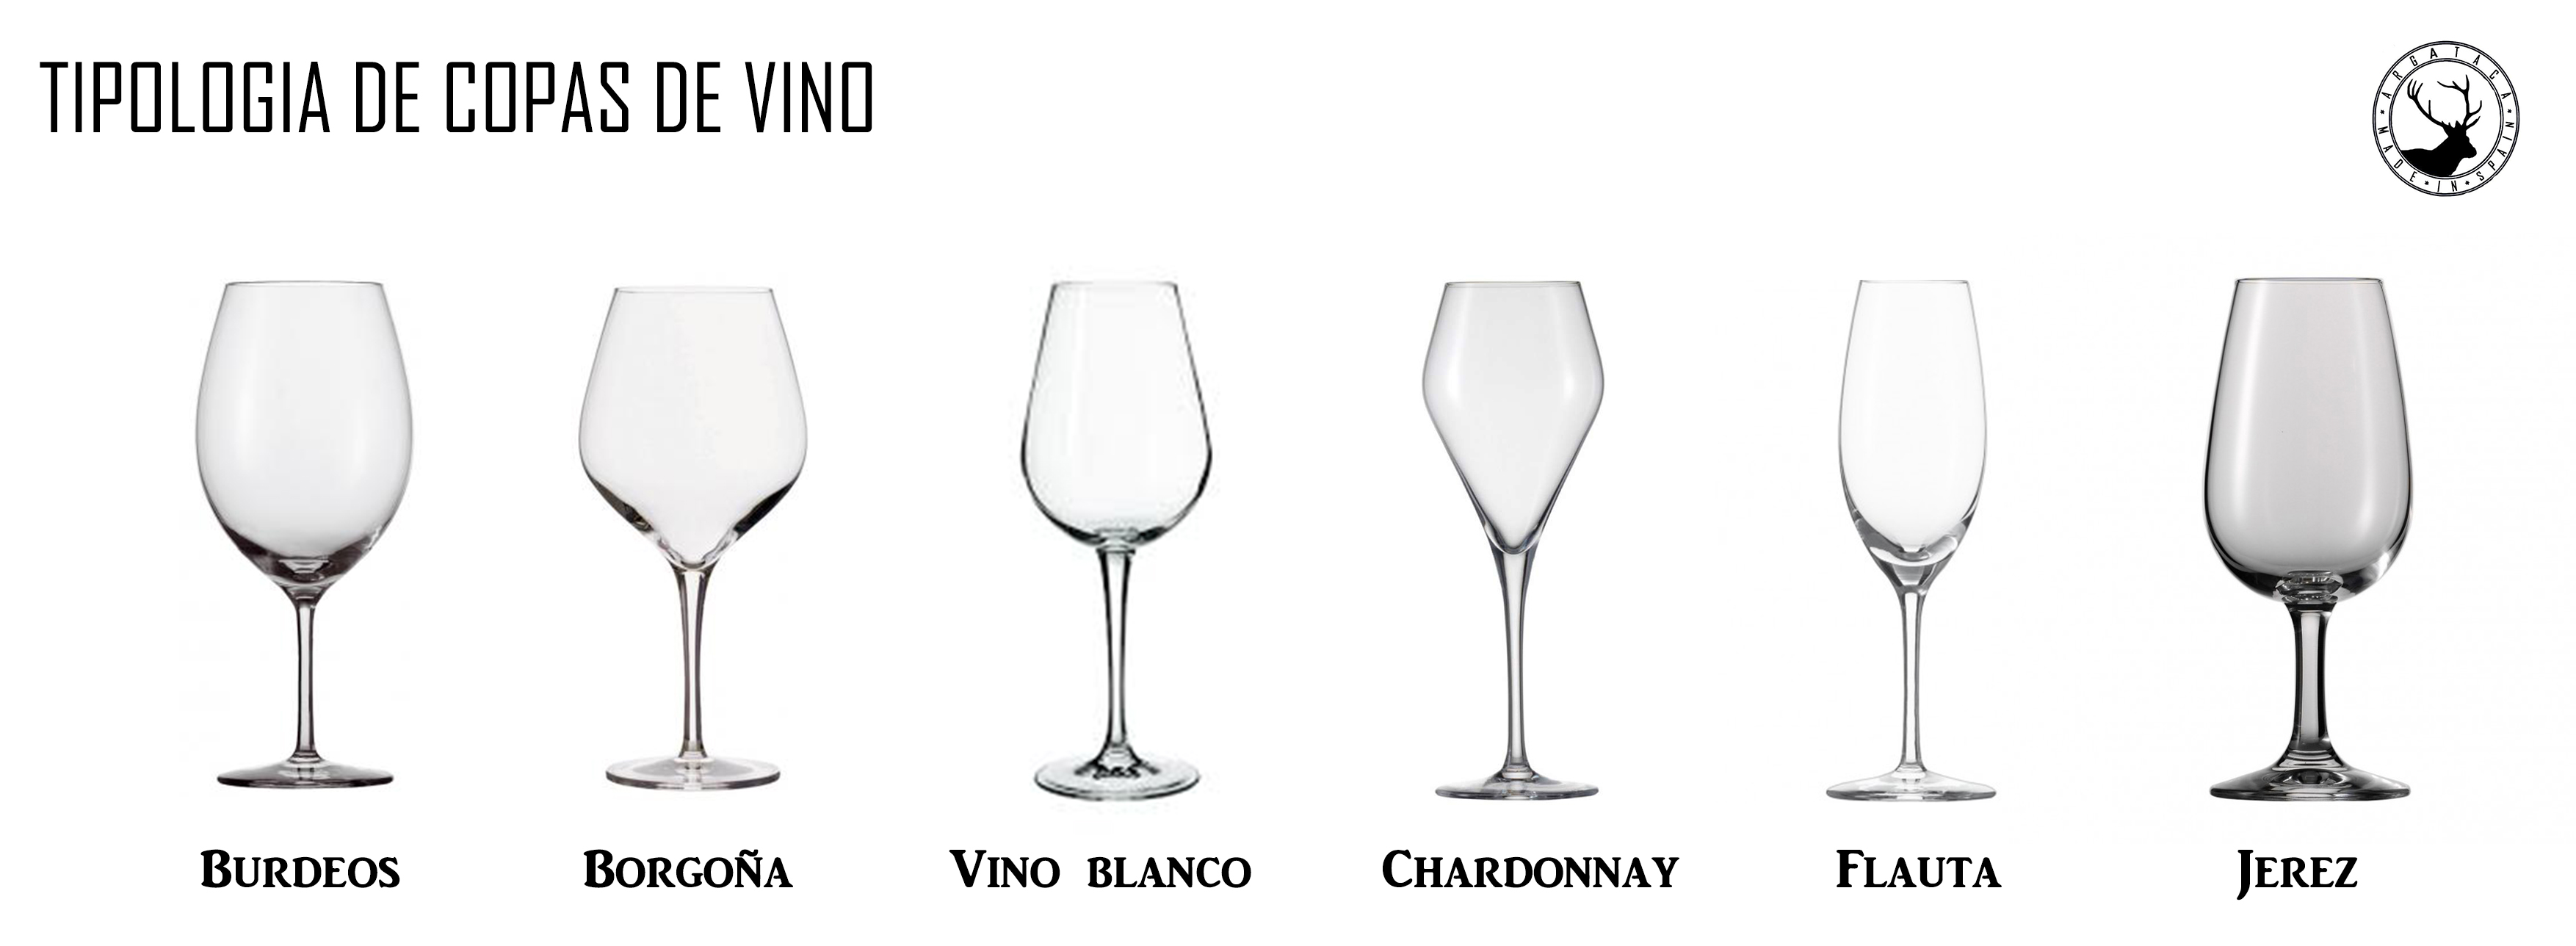 tipología copas de vino